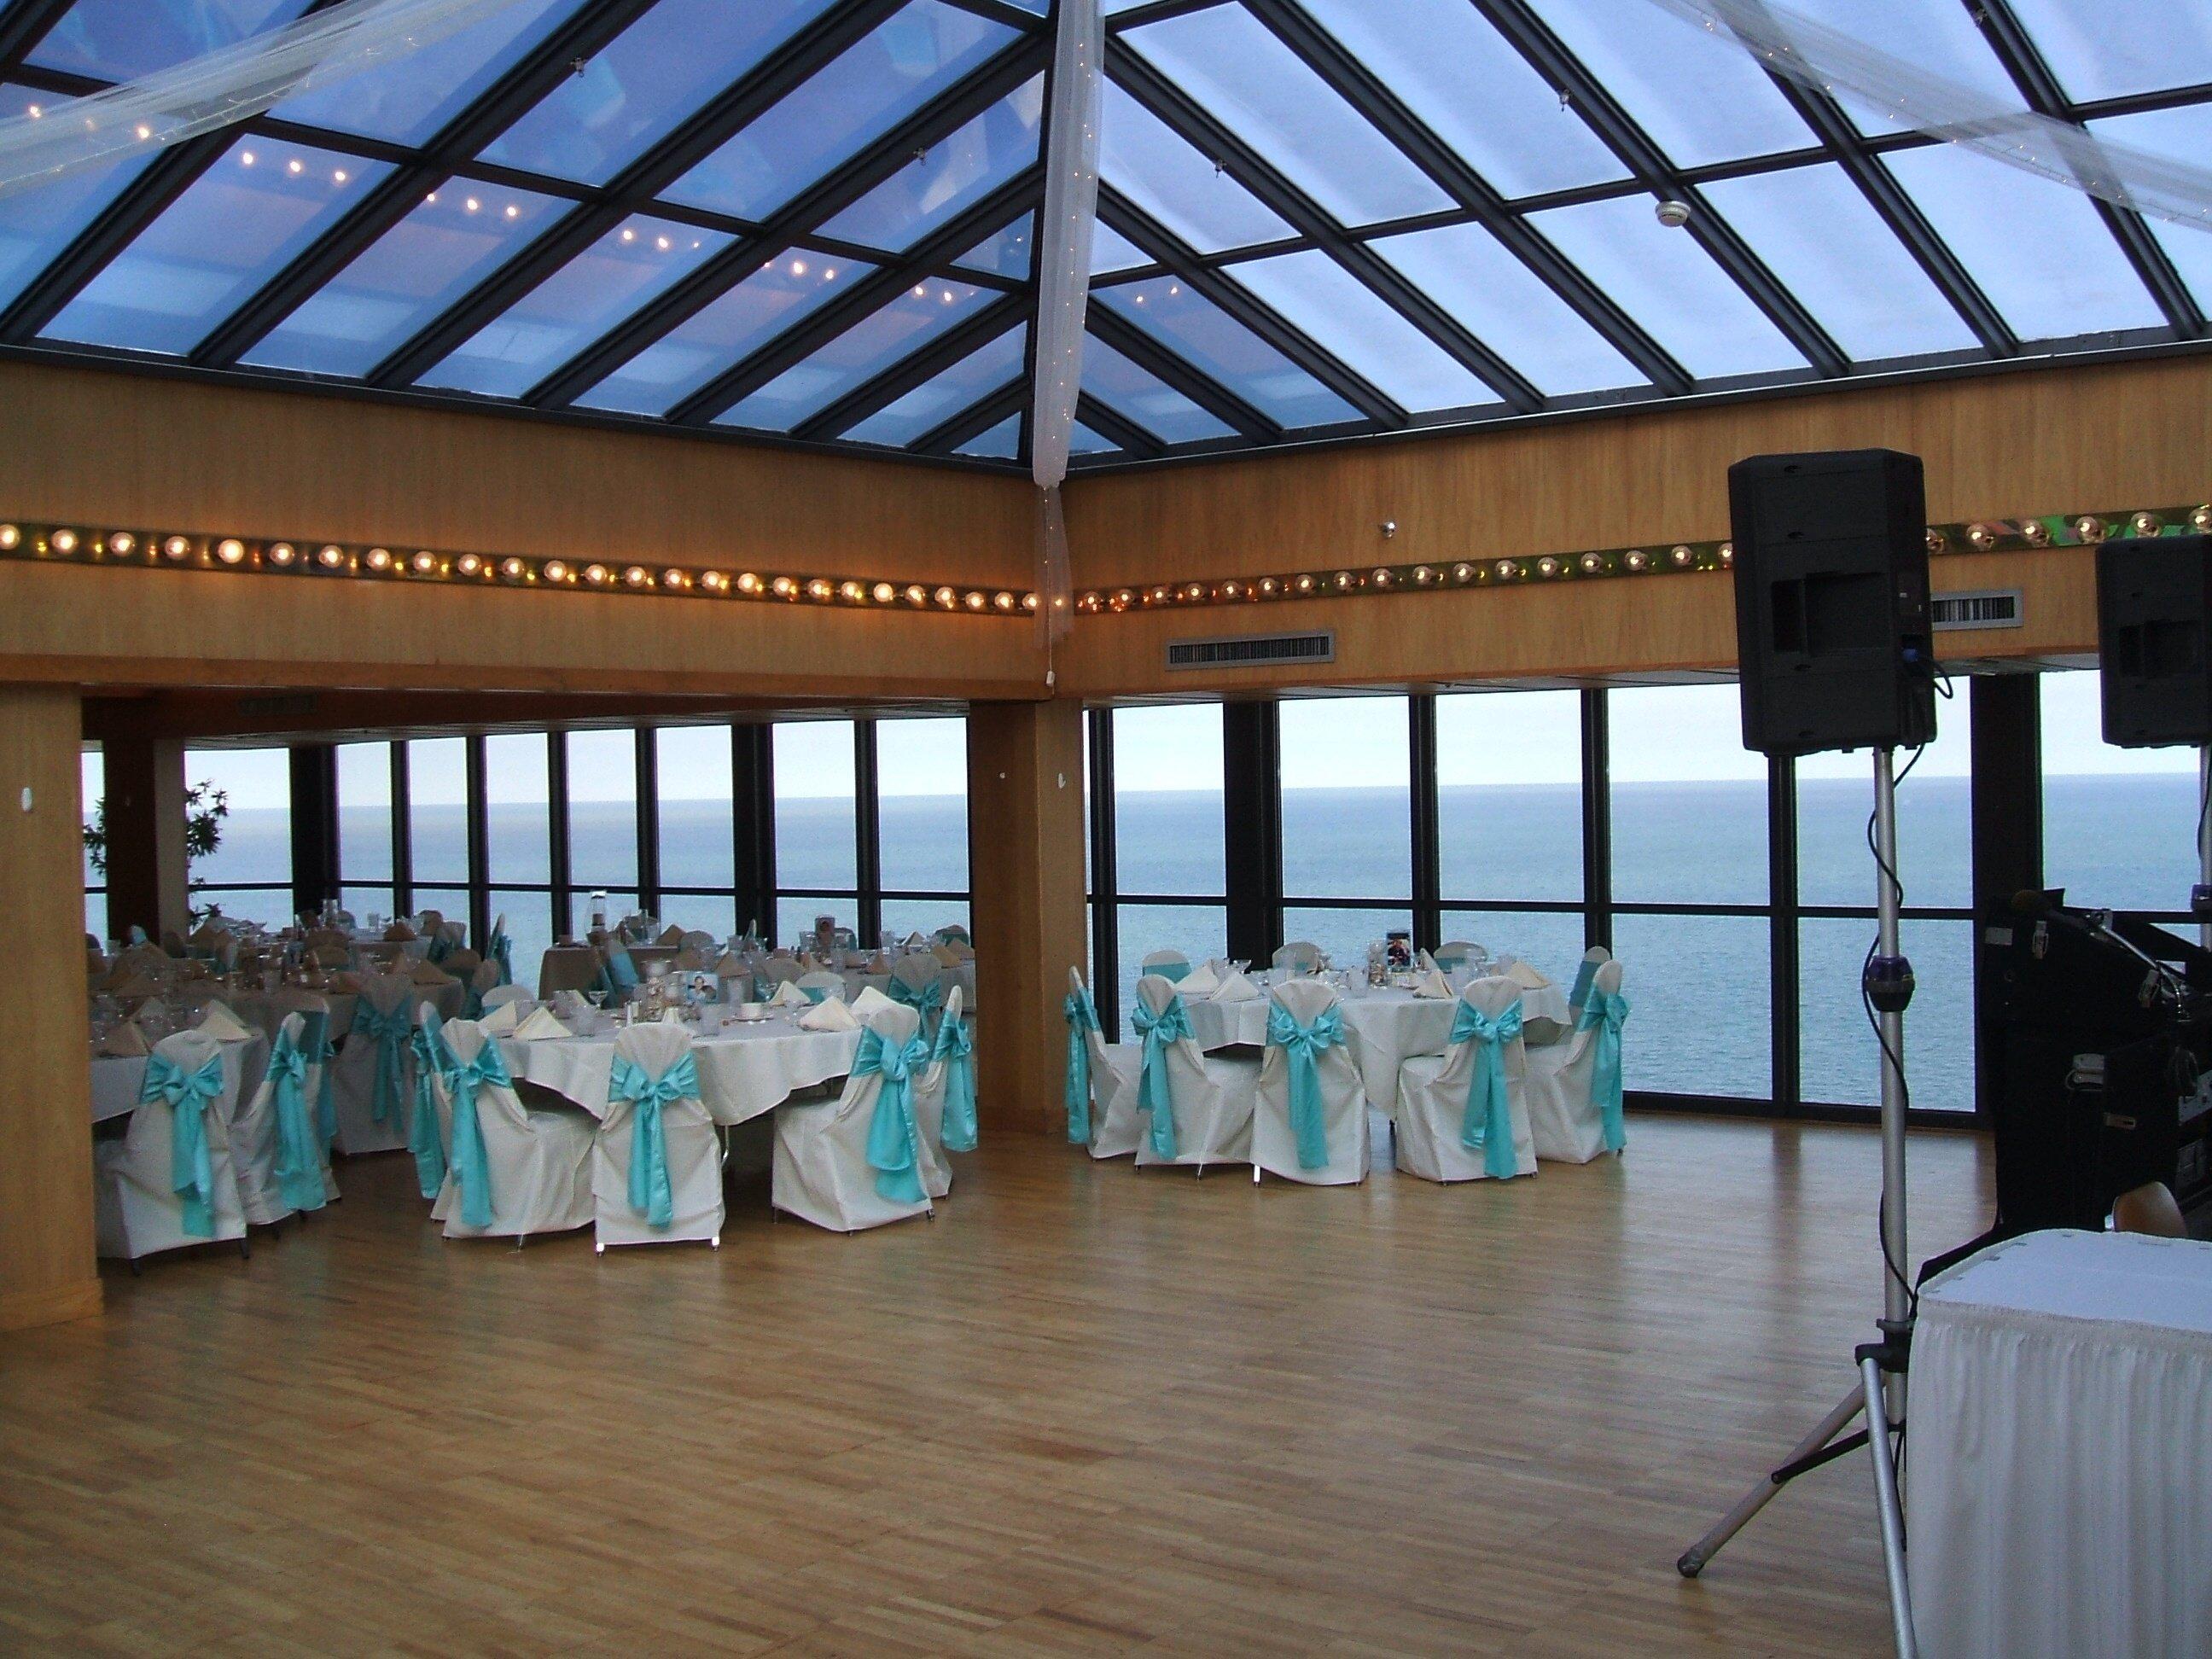 Wedding Reception Venues In Ocean City Maryland Weddings Dj Rupedj Rupe